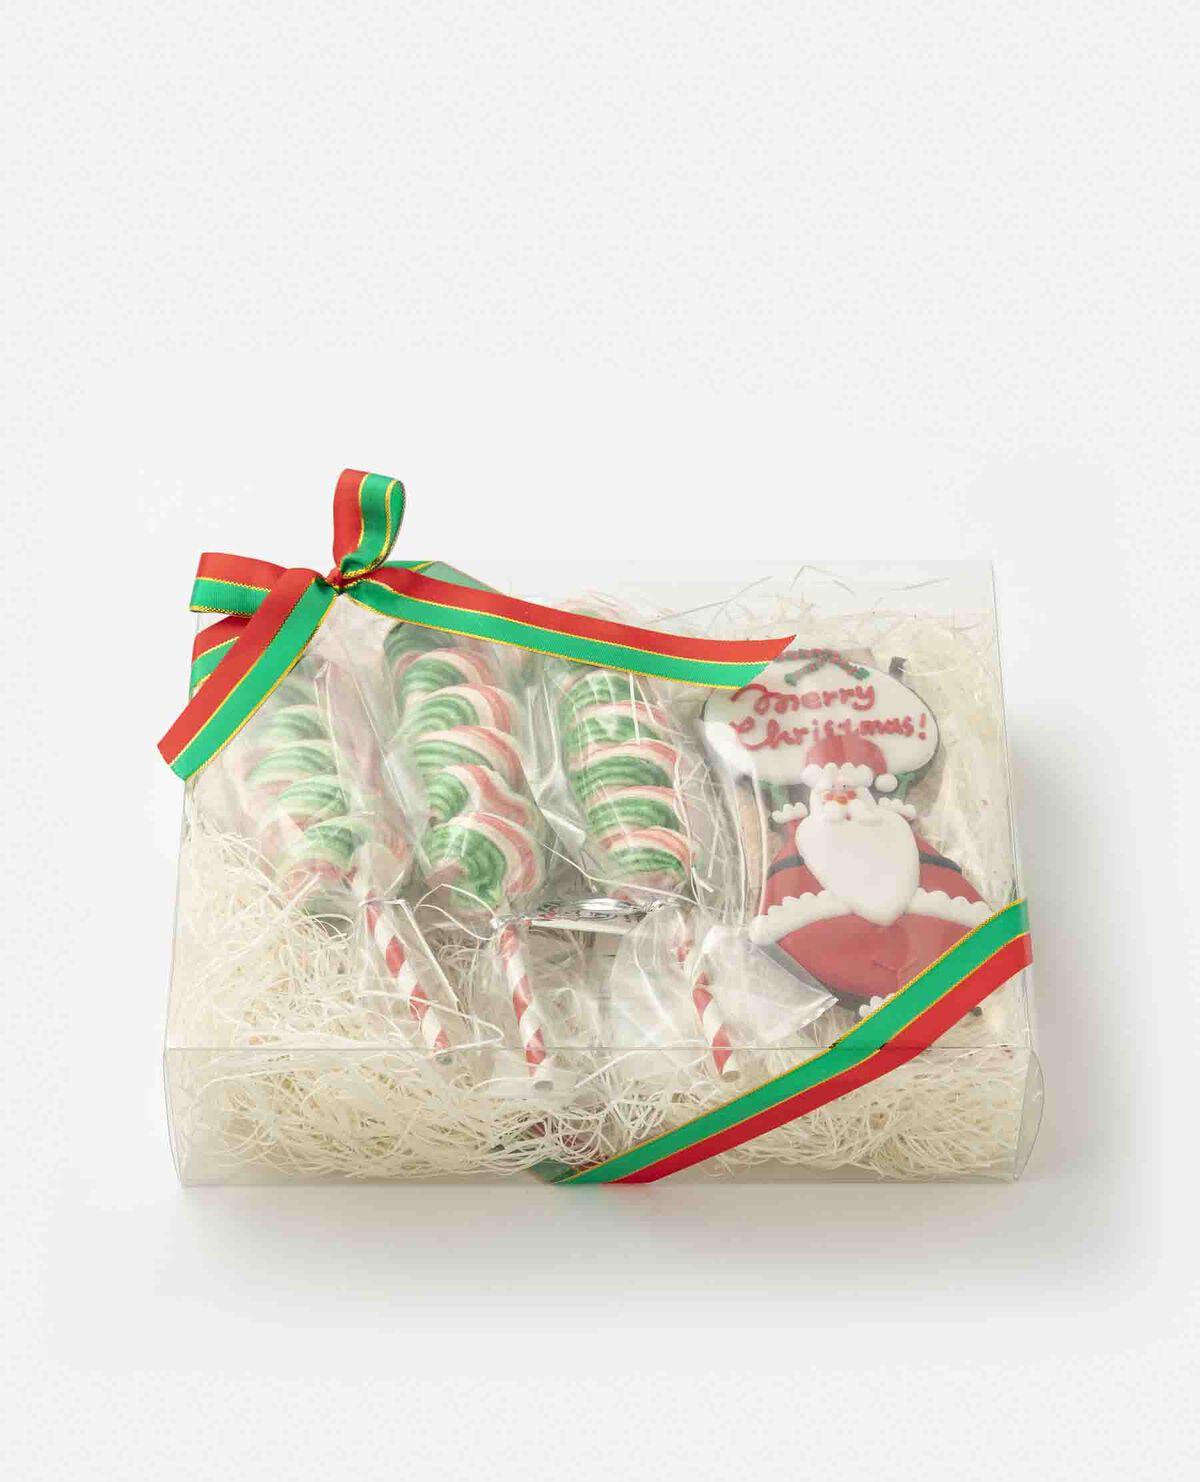 クリスマスメレンゲ菓子とクッキーセット